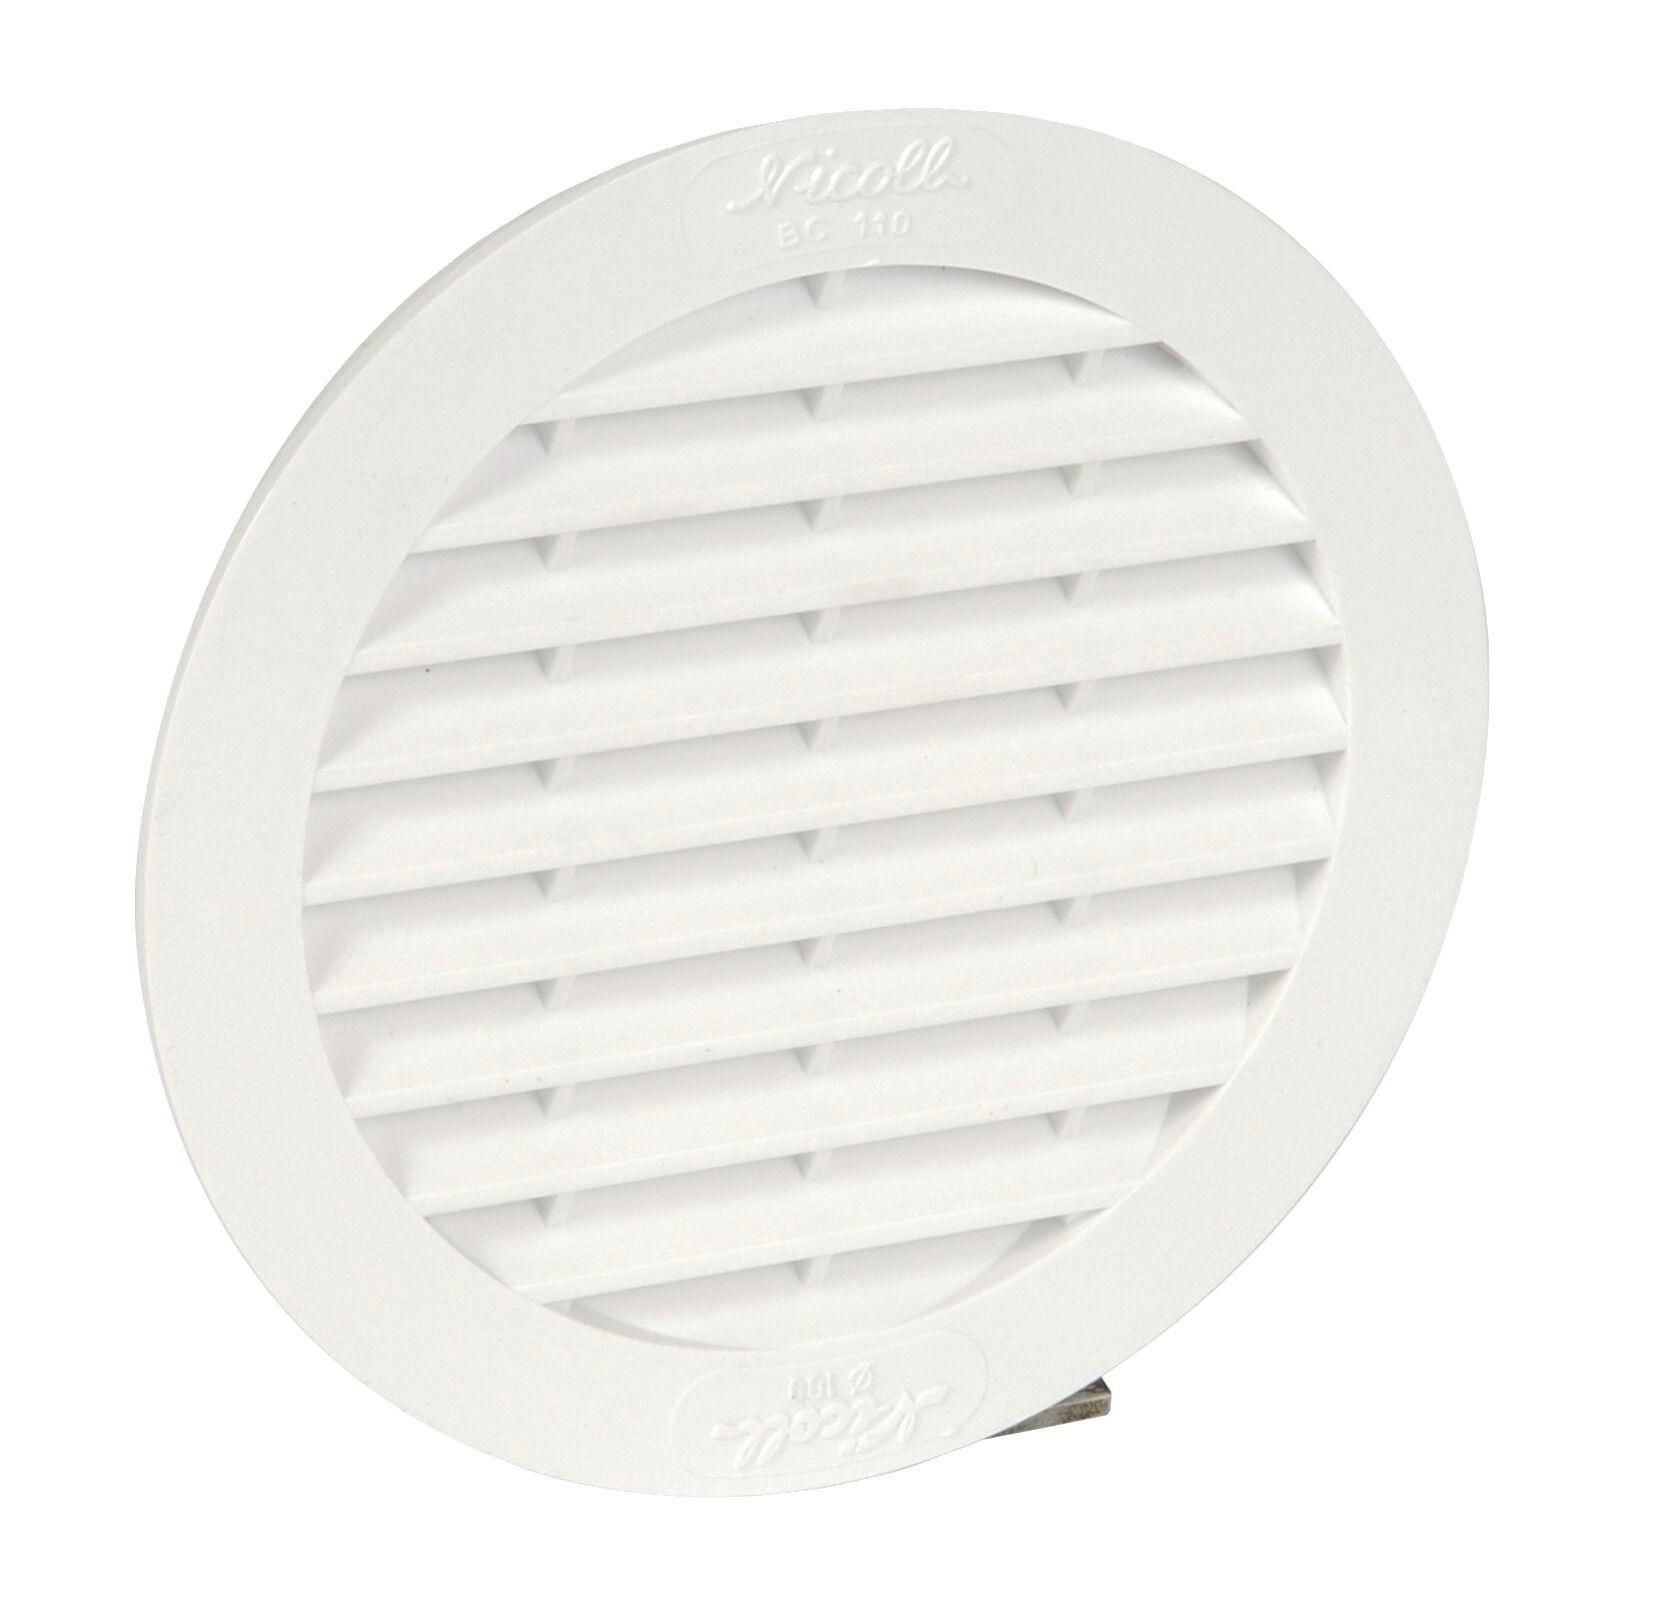 NICOLL Grille de ventilation en applique 32cm2 ronde pour tuyaux fibre ciment Ø100 blanc - NICOLL - 1BC110